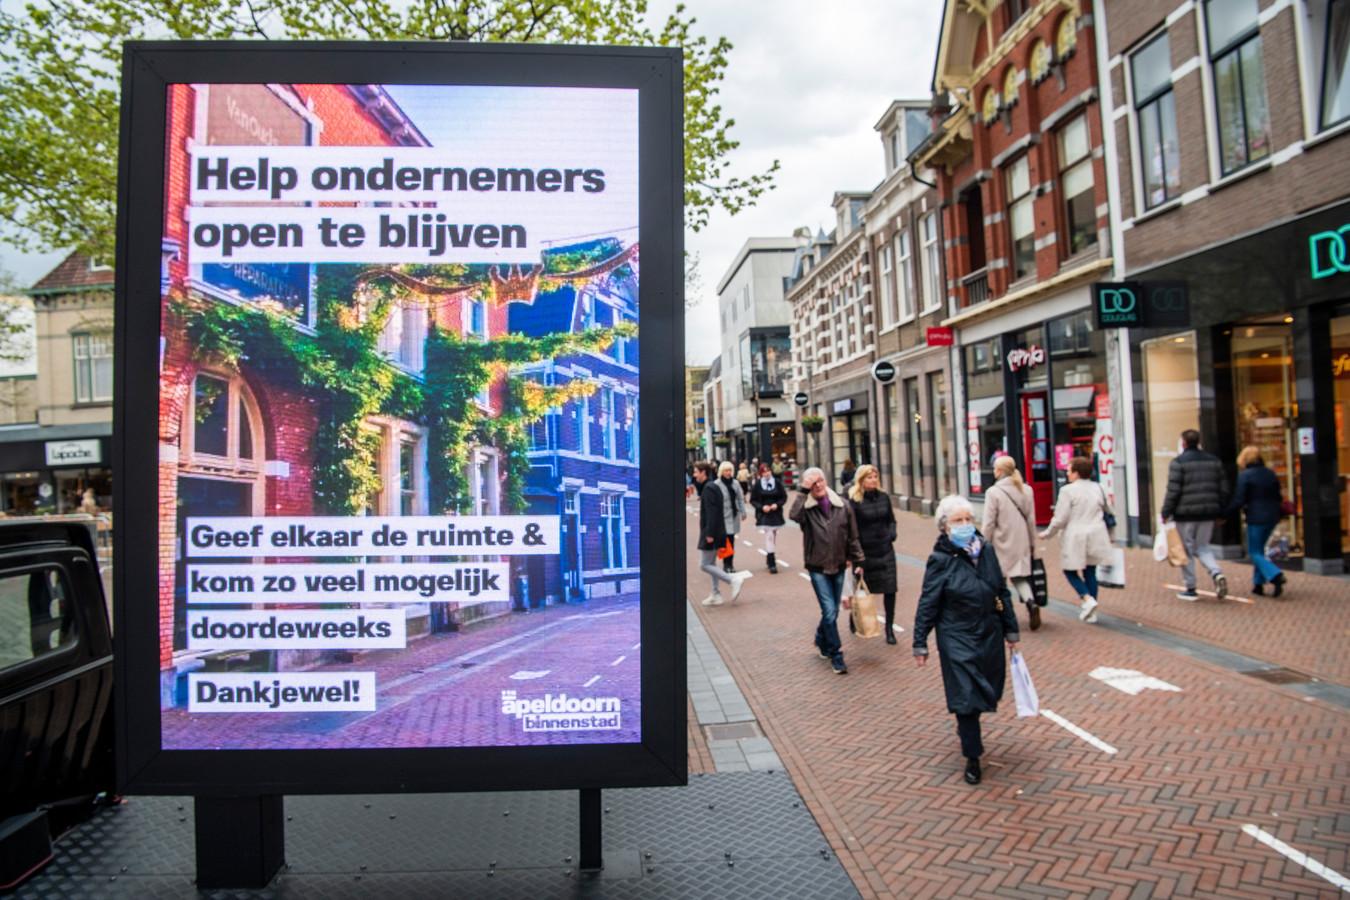 'Help ondernemers open te blijven!', riep Apeldoorn de bevolking al op. Een steunregeling waarmee de gemeente ondernemers zelf helpt, krijgt nu een vervolg.